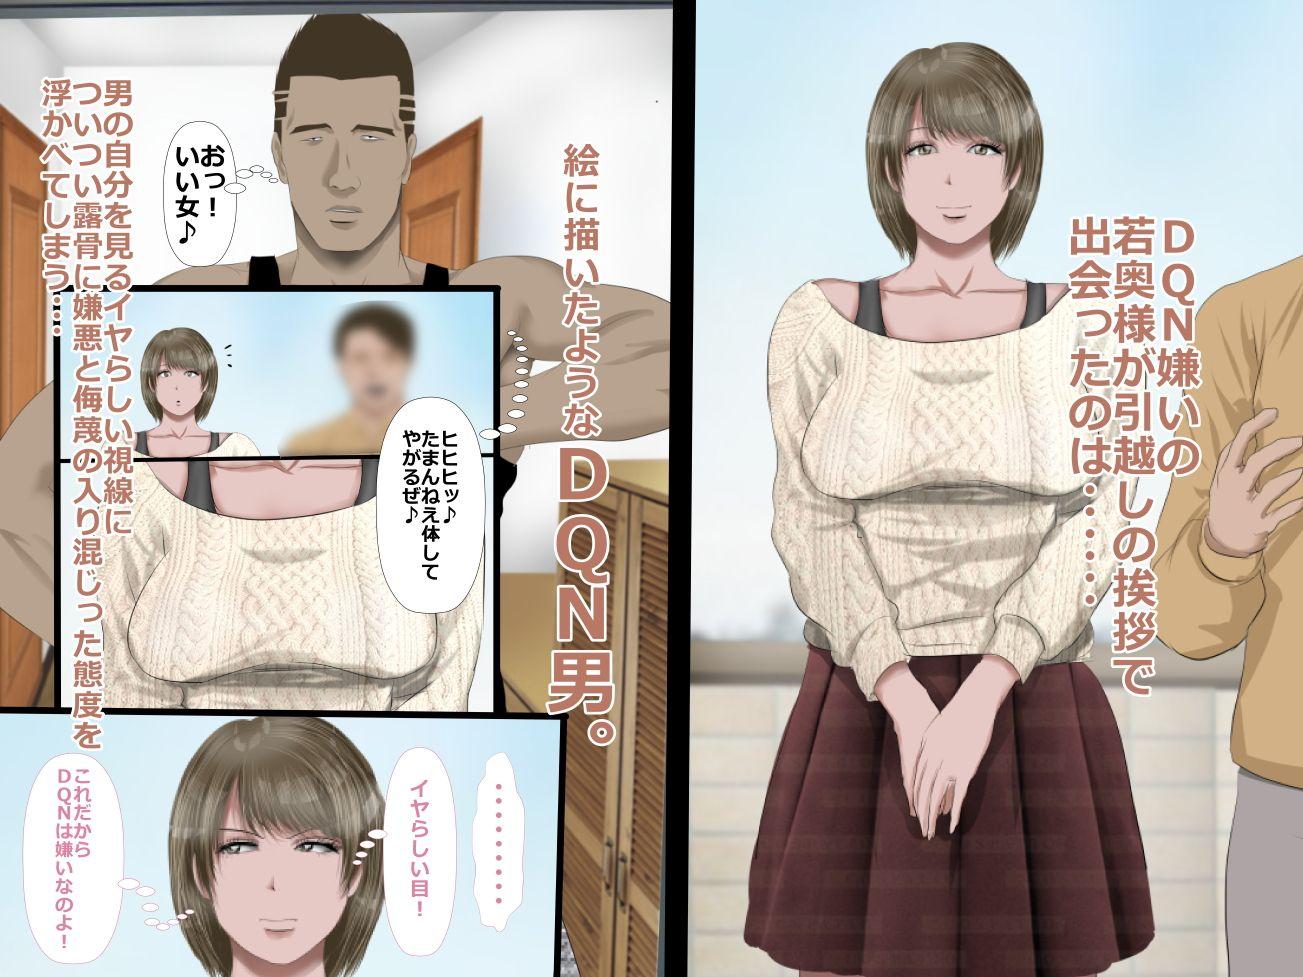 【裏ドラ満貫 同人】DQN嫌いの美人妻と隣室のDQN男